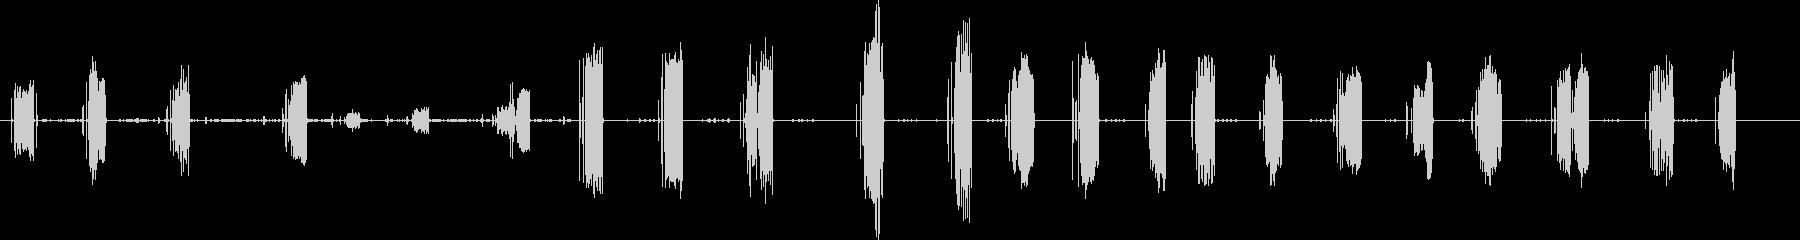 レン、マーシュチャープ。フォアグラ...の未再生の波形